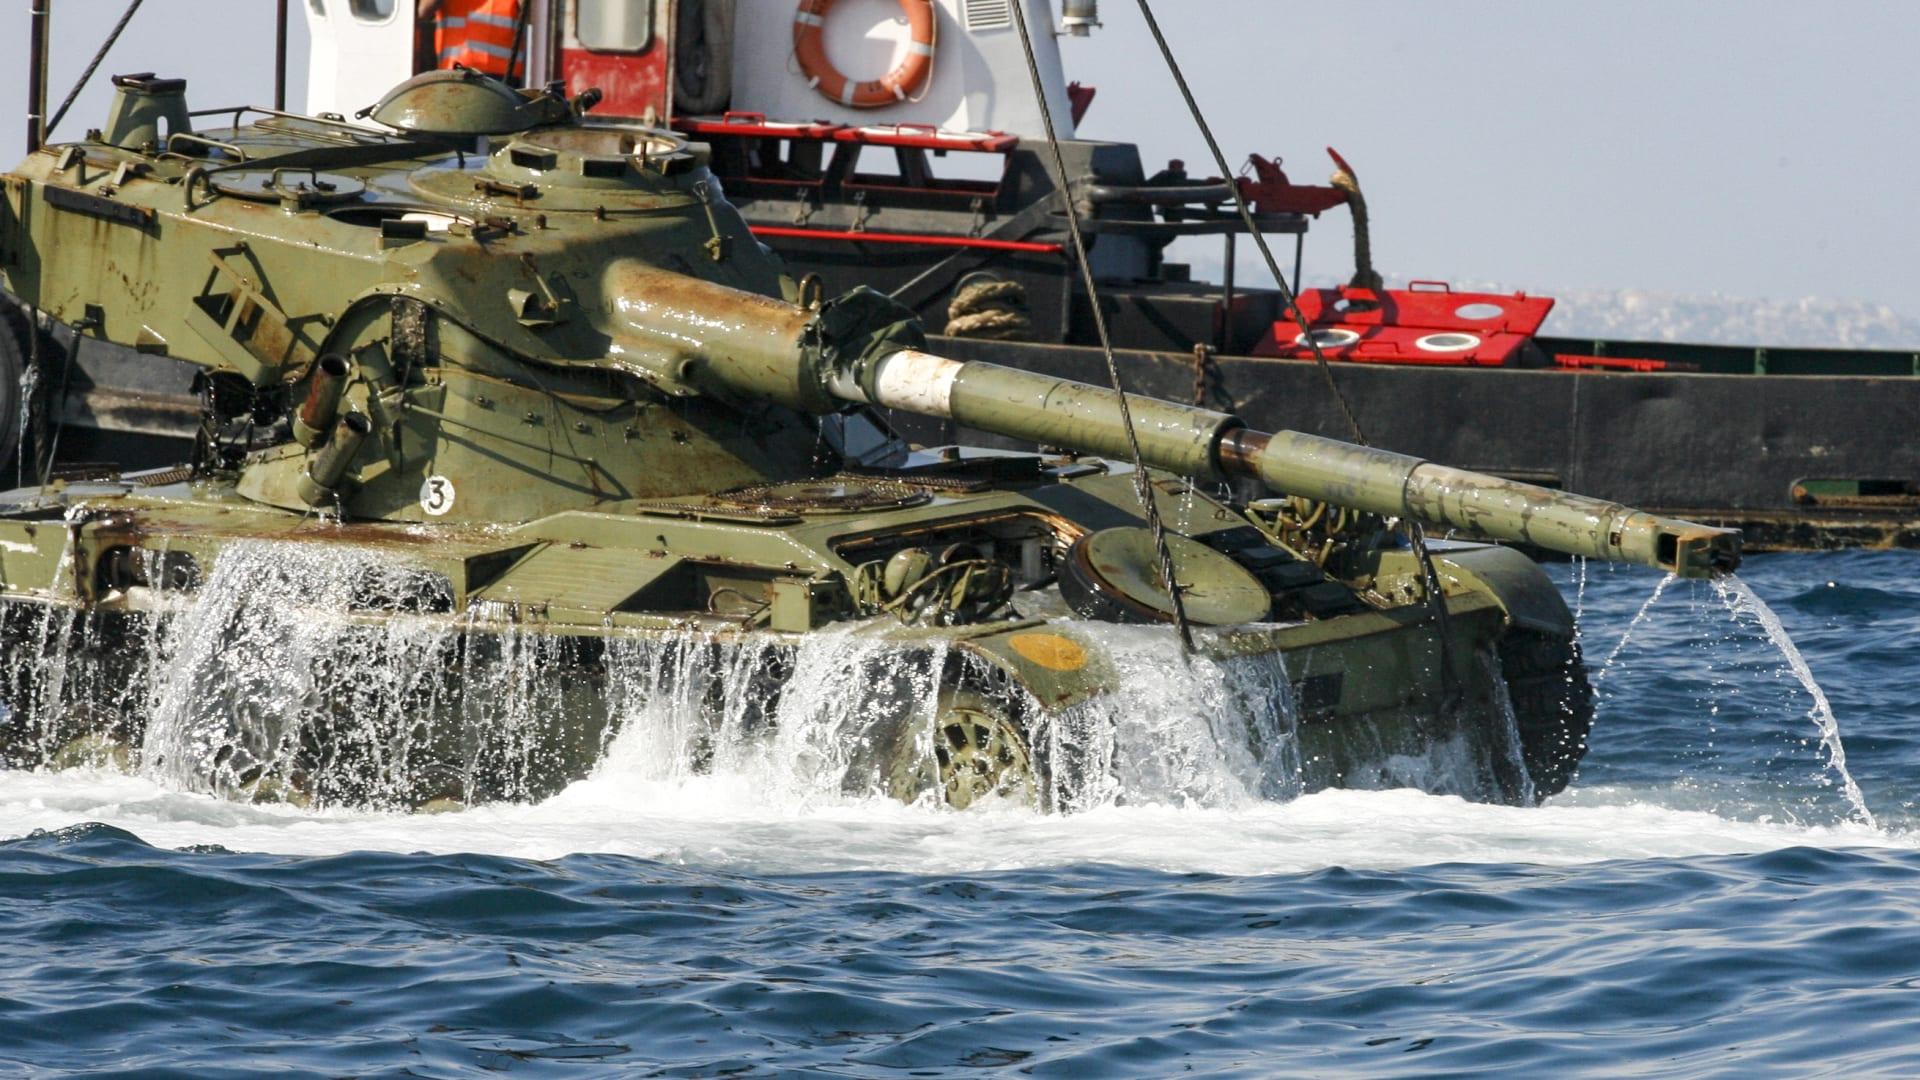 لماذا قام لبنان بإنزال دبابات في مياه البحر قبالة شواطئه؟